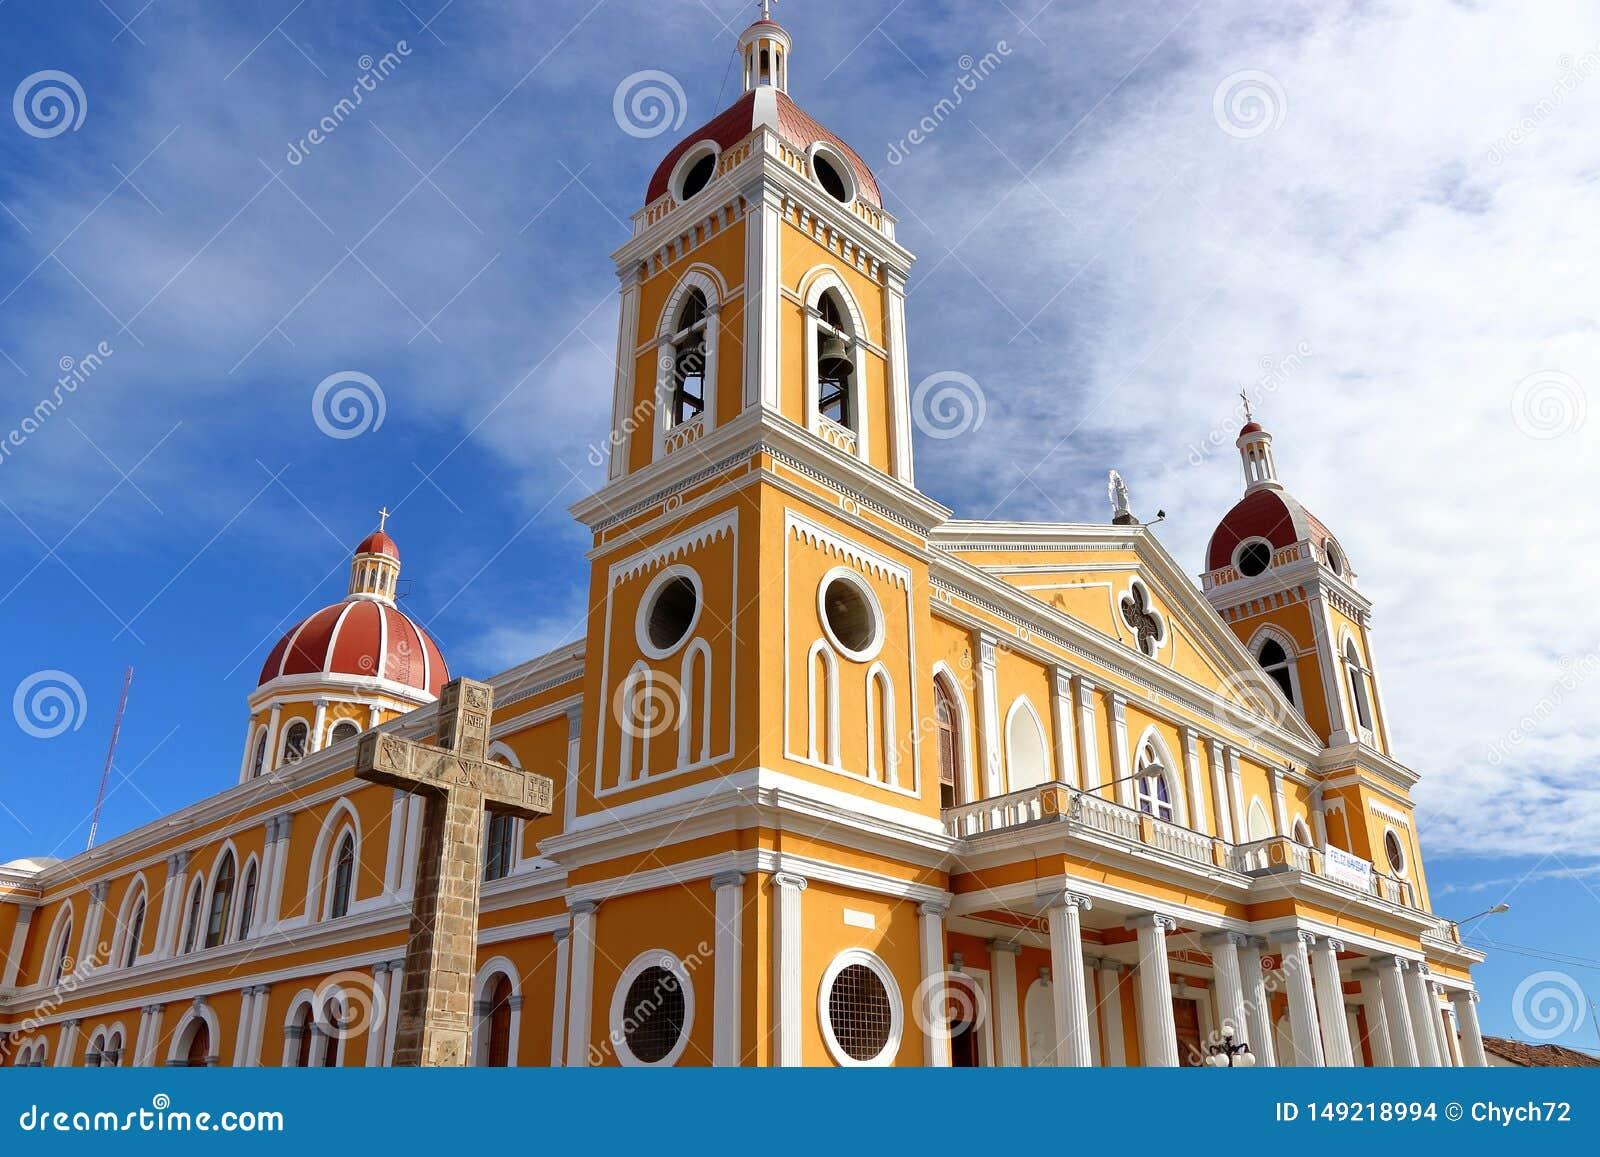 Catedral de Granada en el contexto del cielo azul, Nicaragua